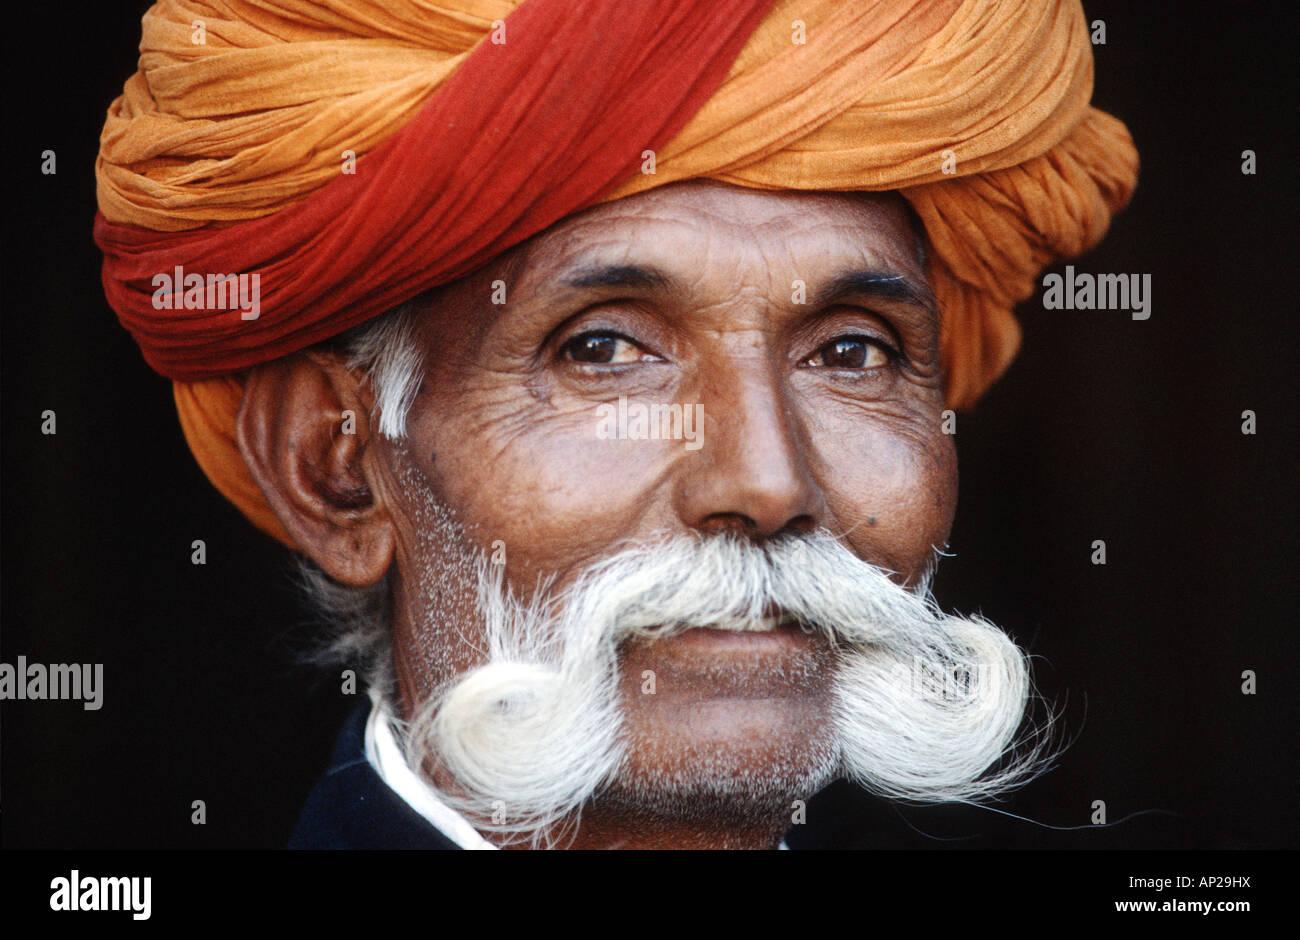 La India, Rajastán: retrato de un hombre con turbante y beart Imagen De Stock